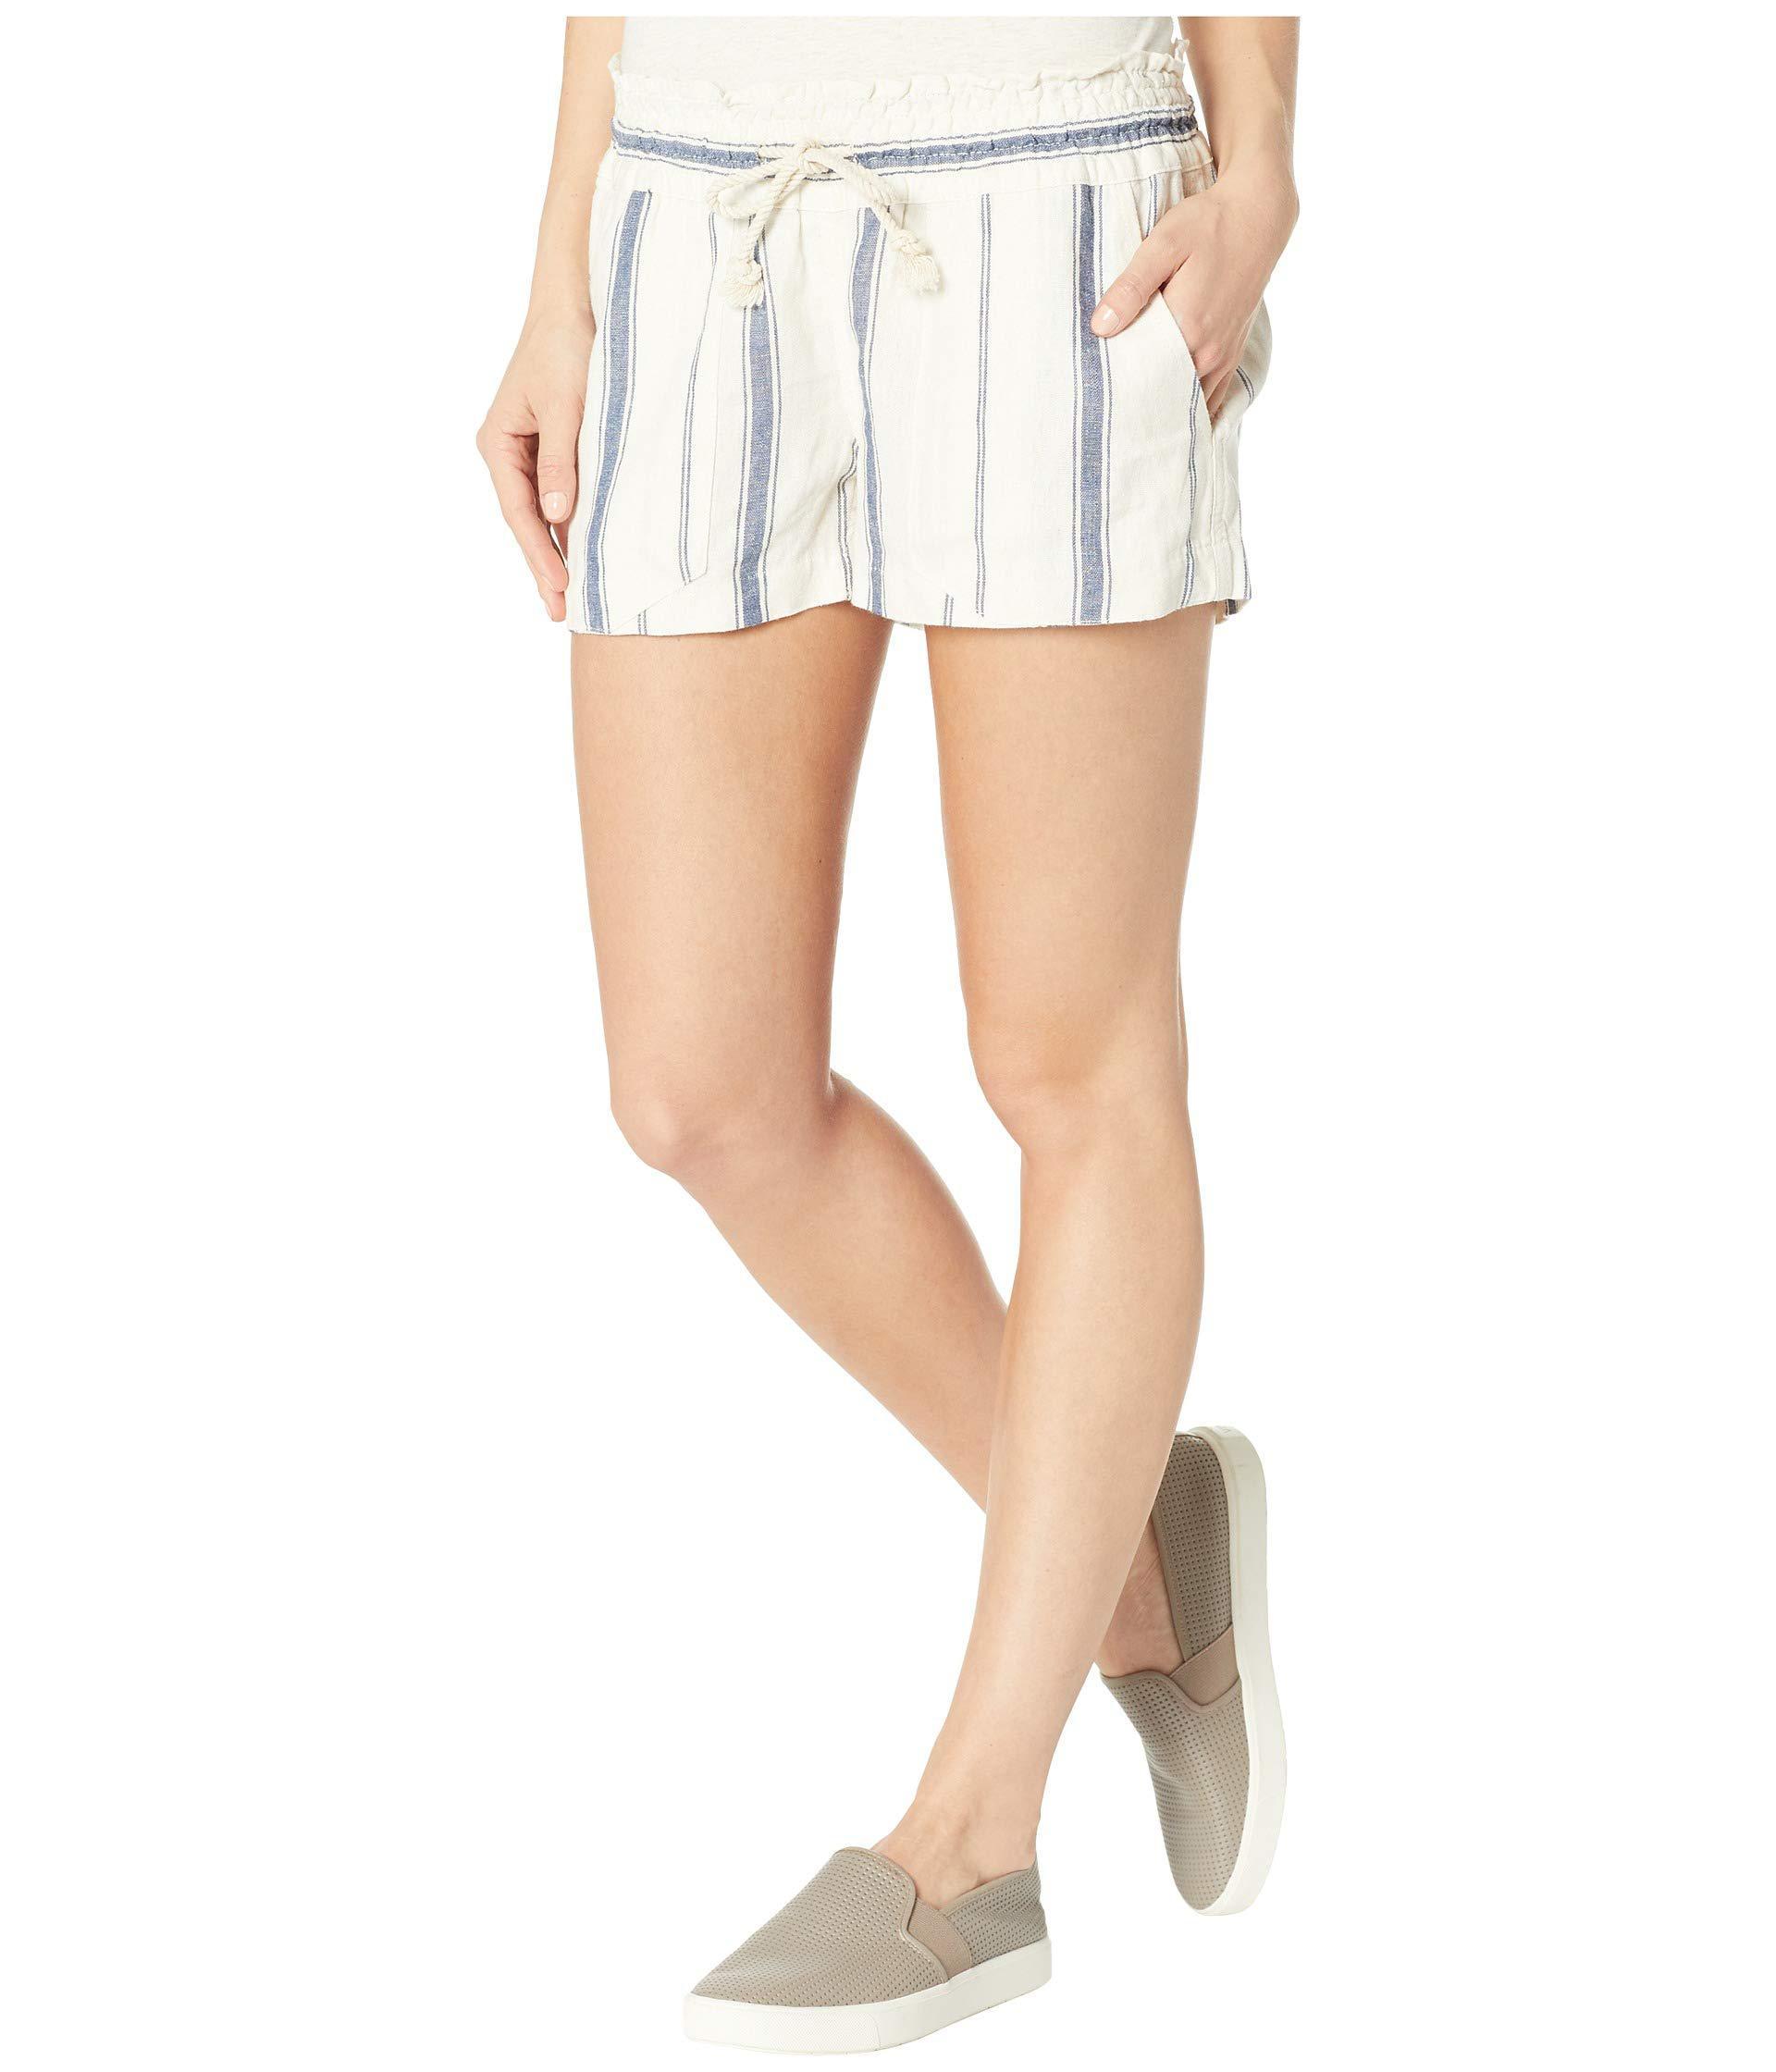 cbdac9a27c Lyst - Roxy Oceanside Shorts Yarn-dye (oxblood Red/tea Party Stripe) Women's  Shorts